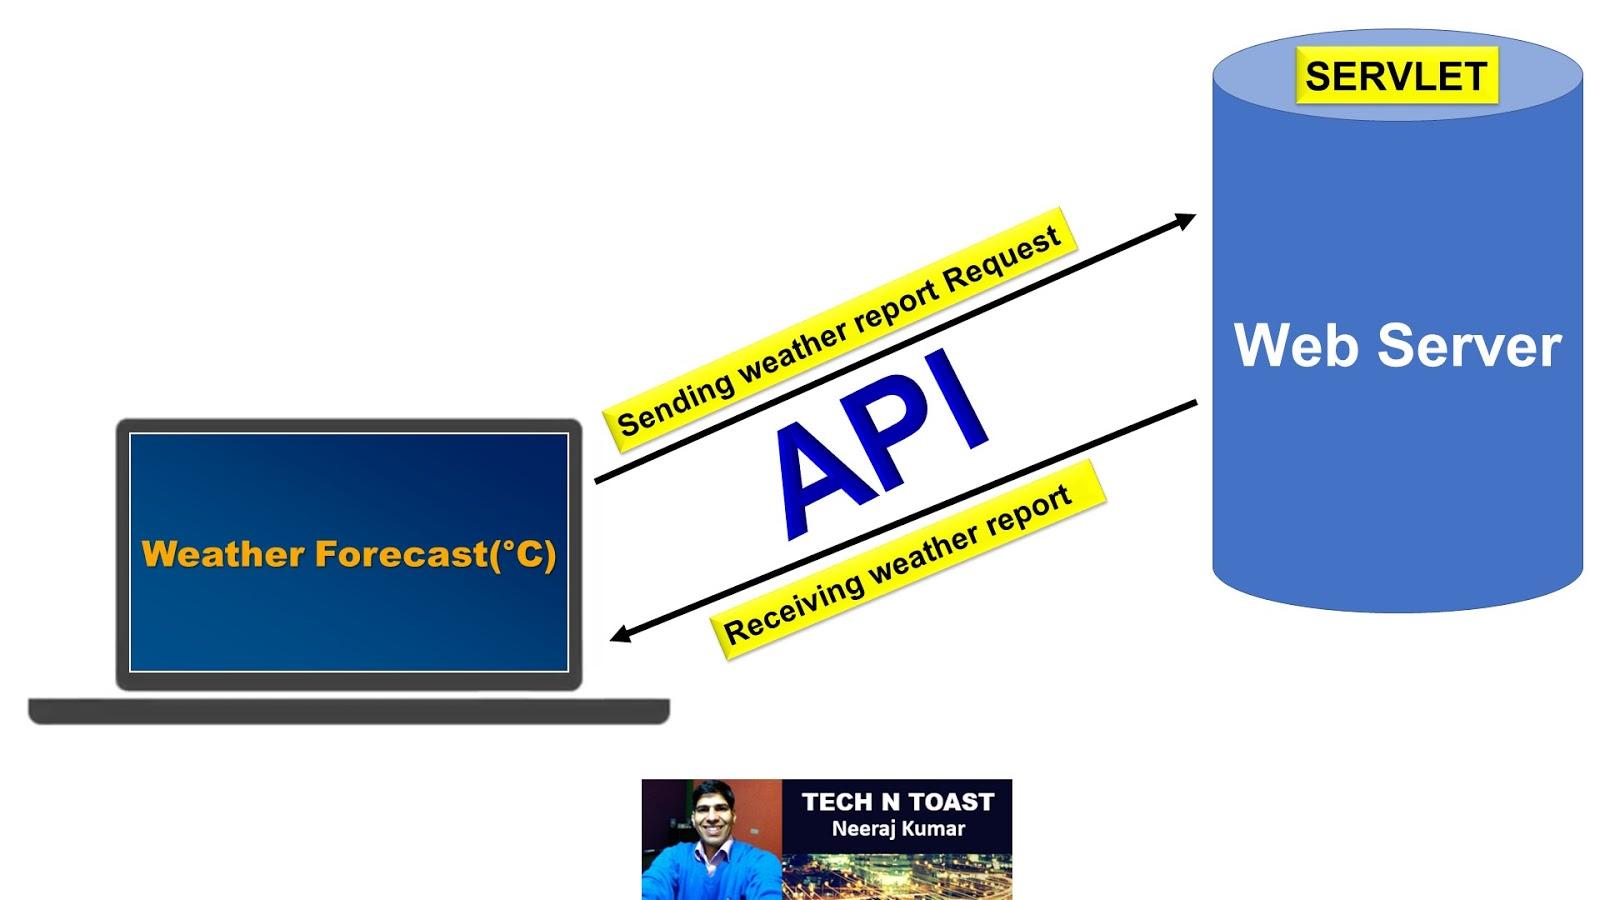 Web Server and SERVLET in REST API